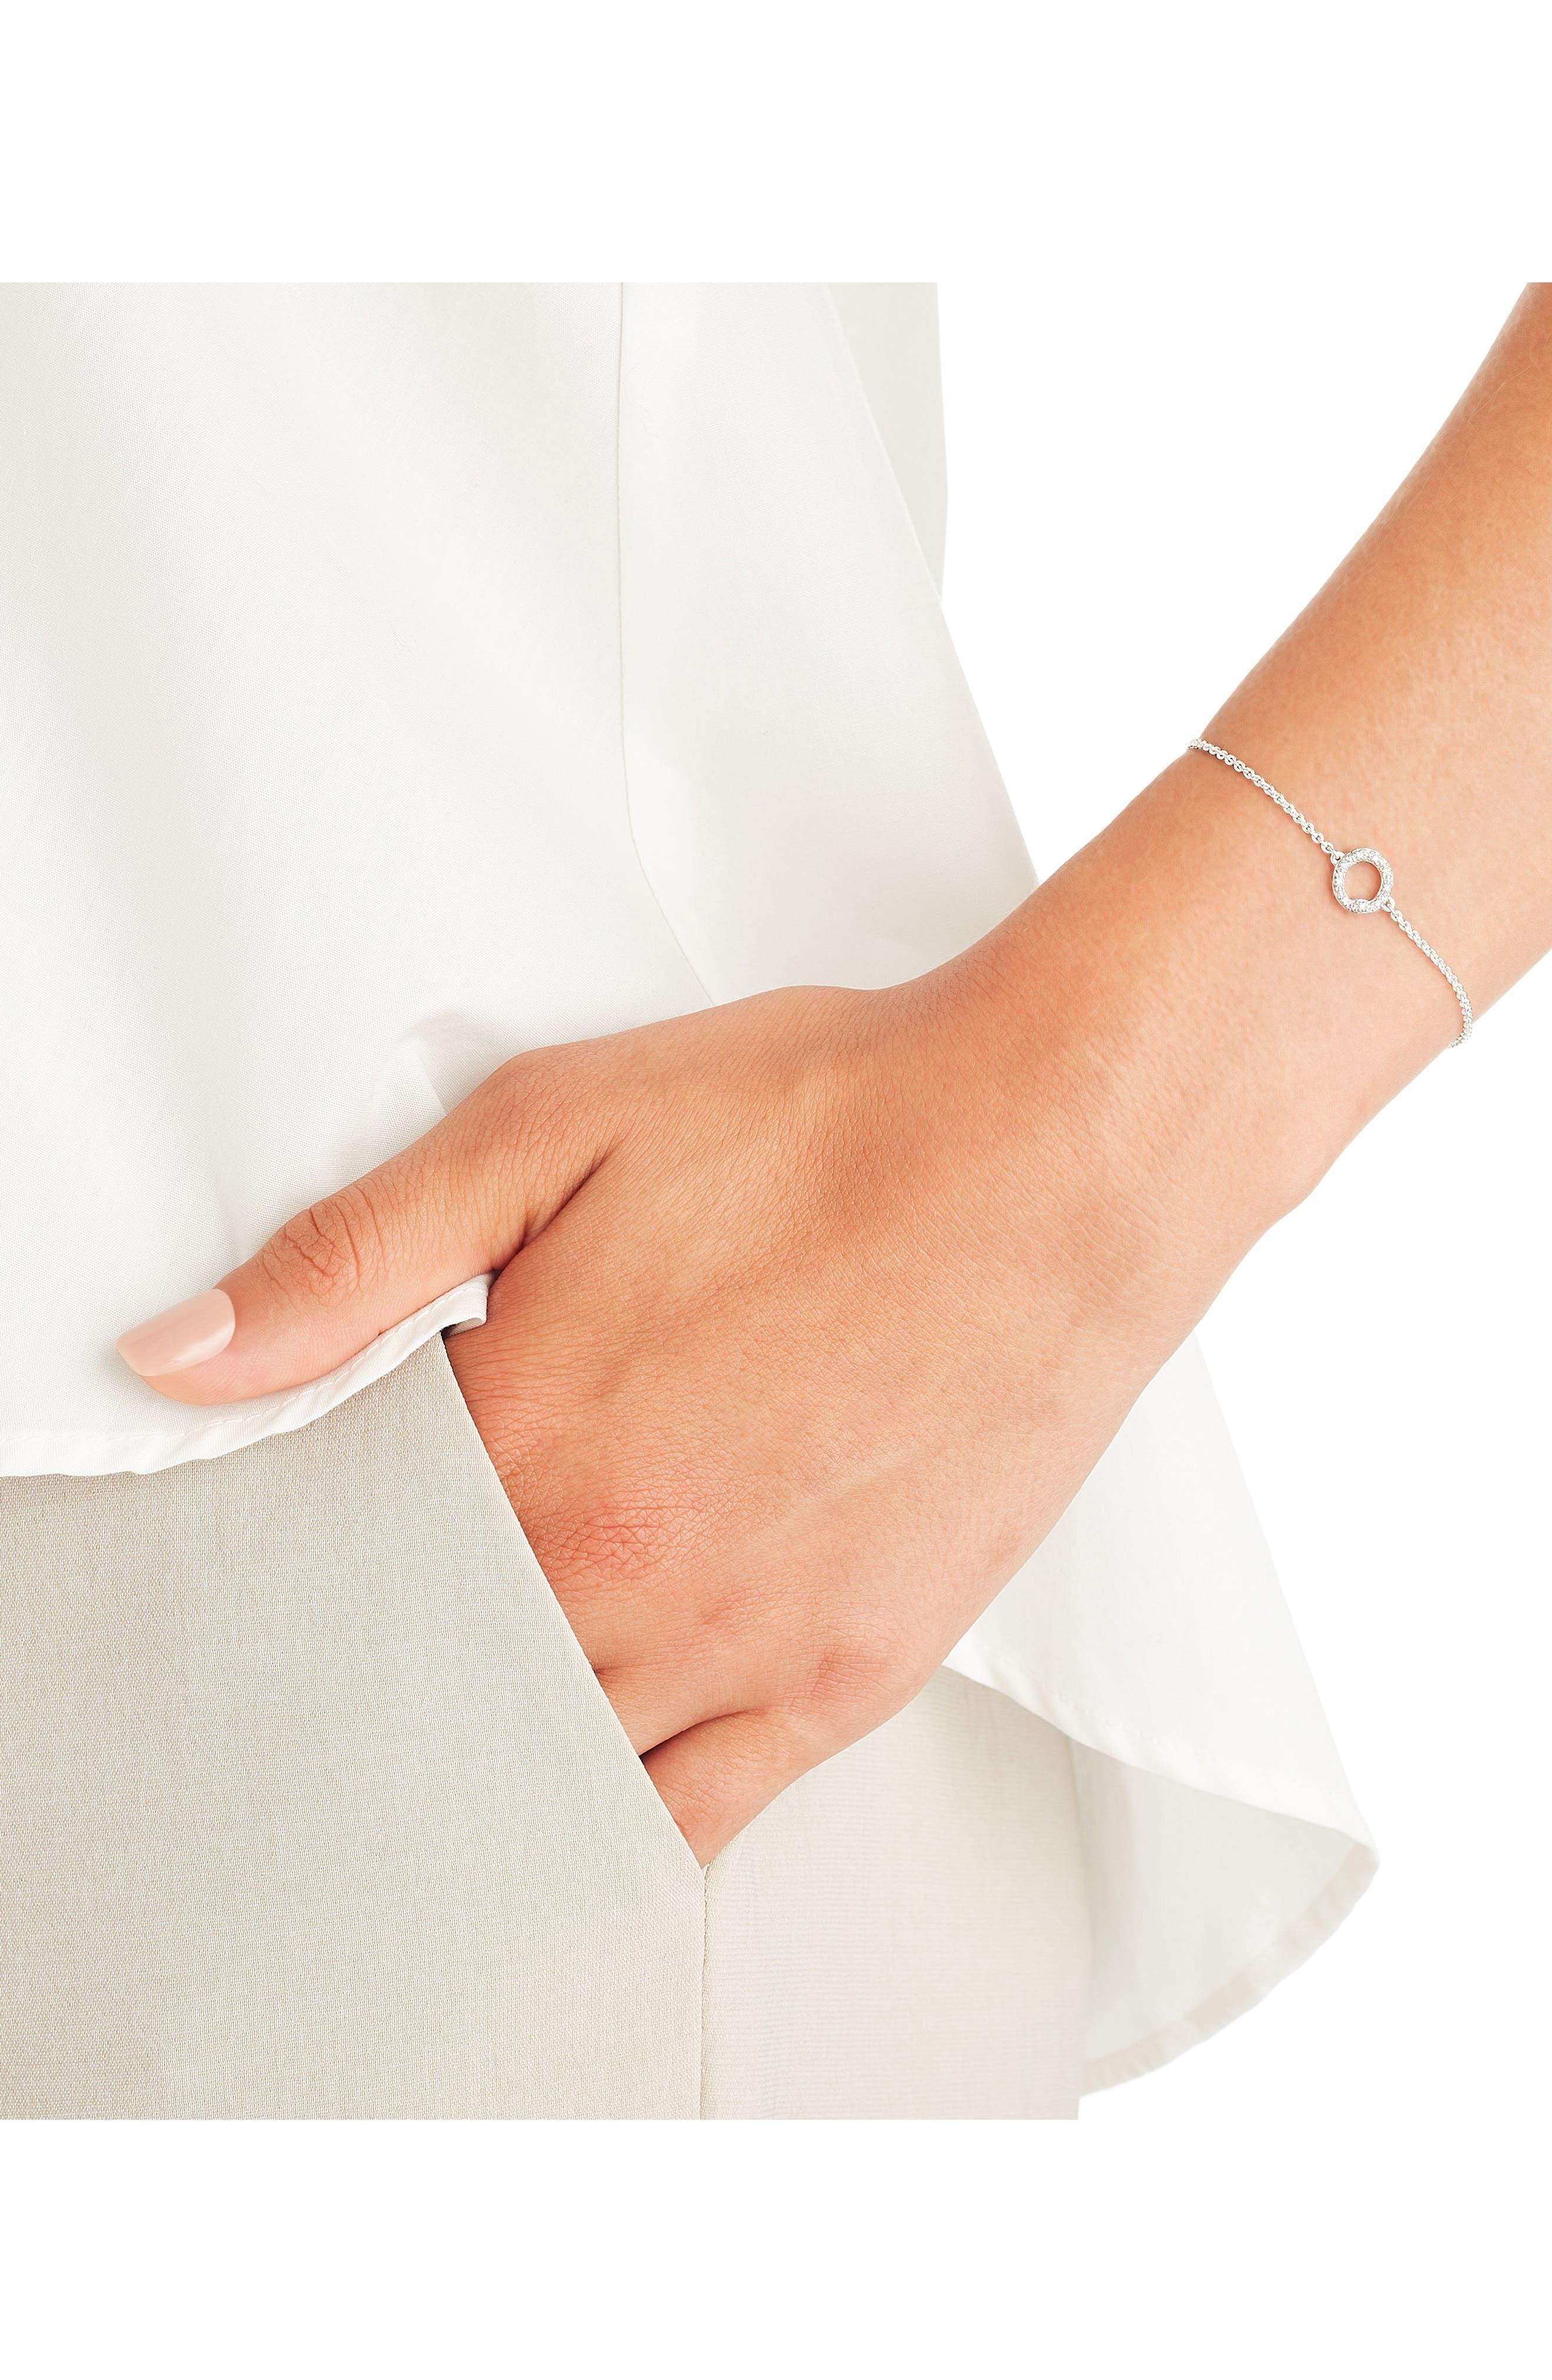 Riva Mini Circle Diamond Bracelet,                             Alternate thumbnail 2, color,                             SILVER/ DIAMOND